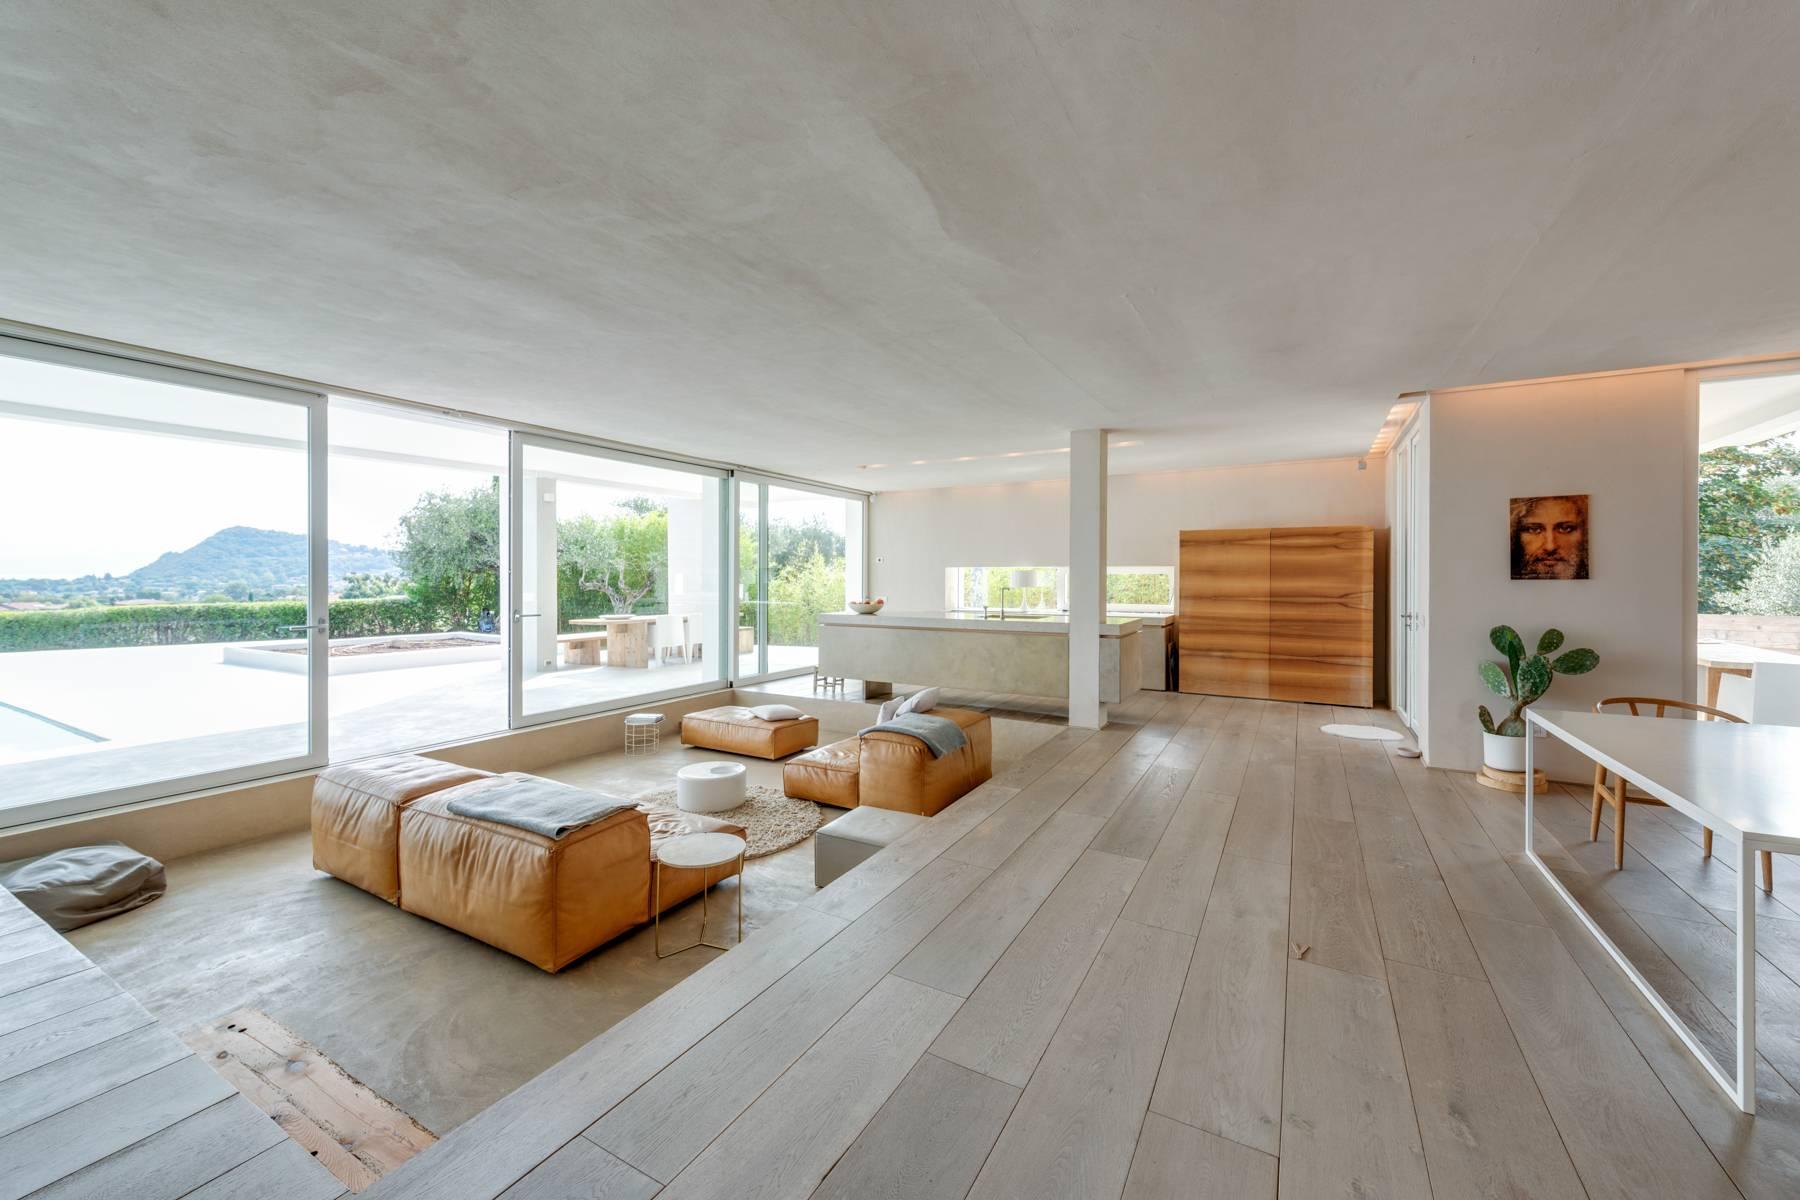 Architektonisches Meisterwerk mit herrlichem Seeblick - 4